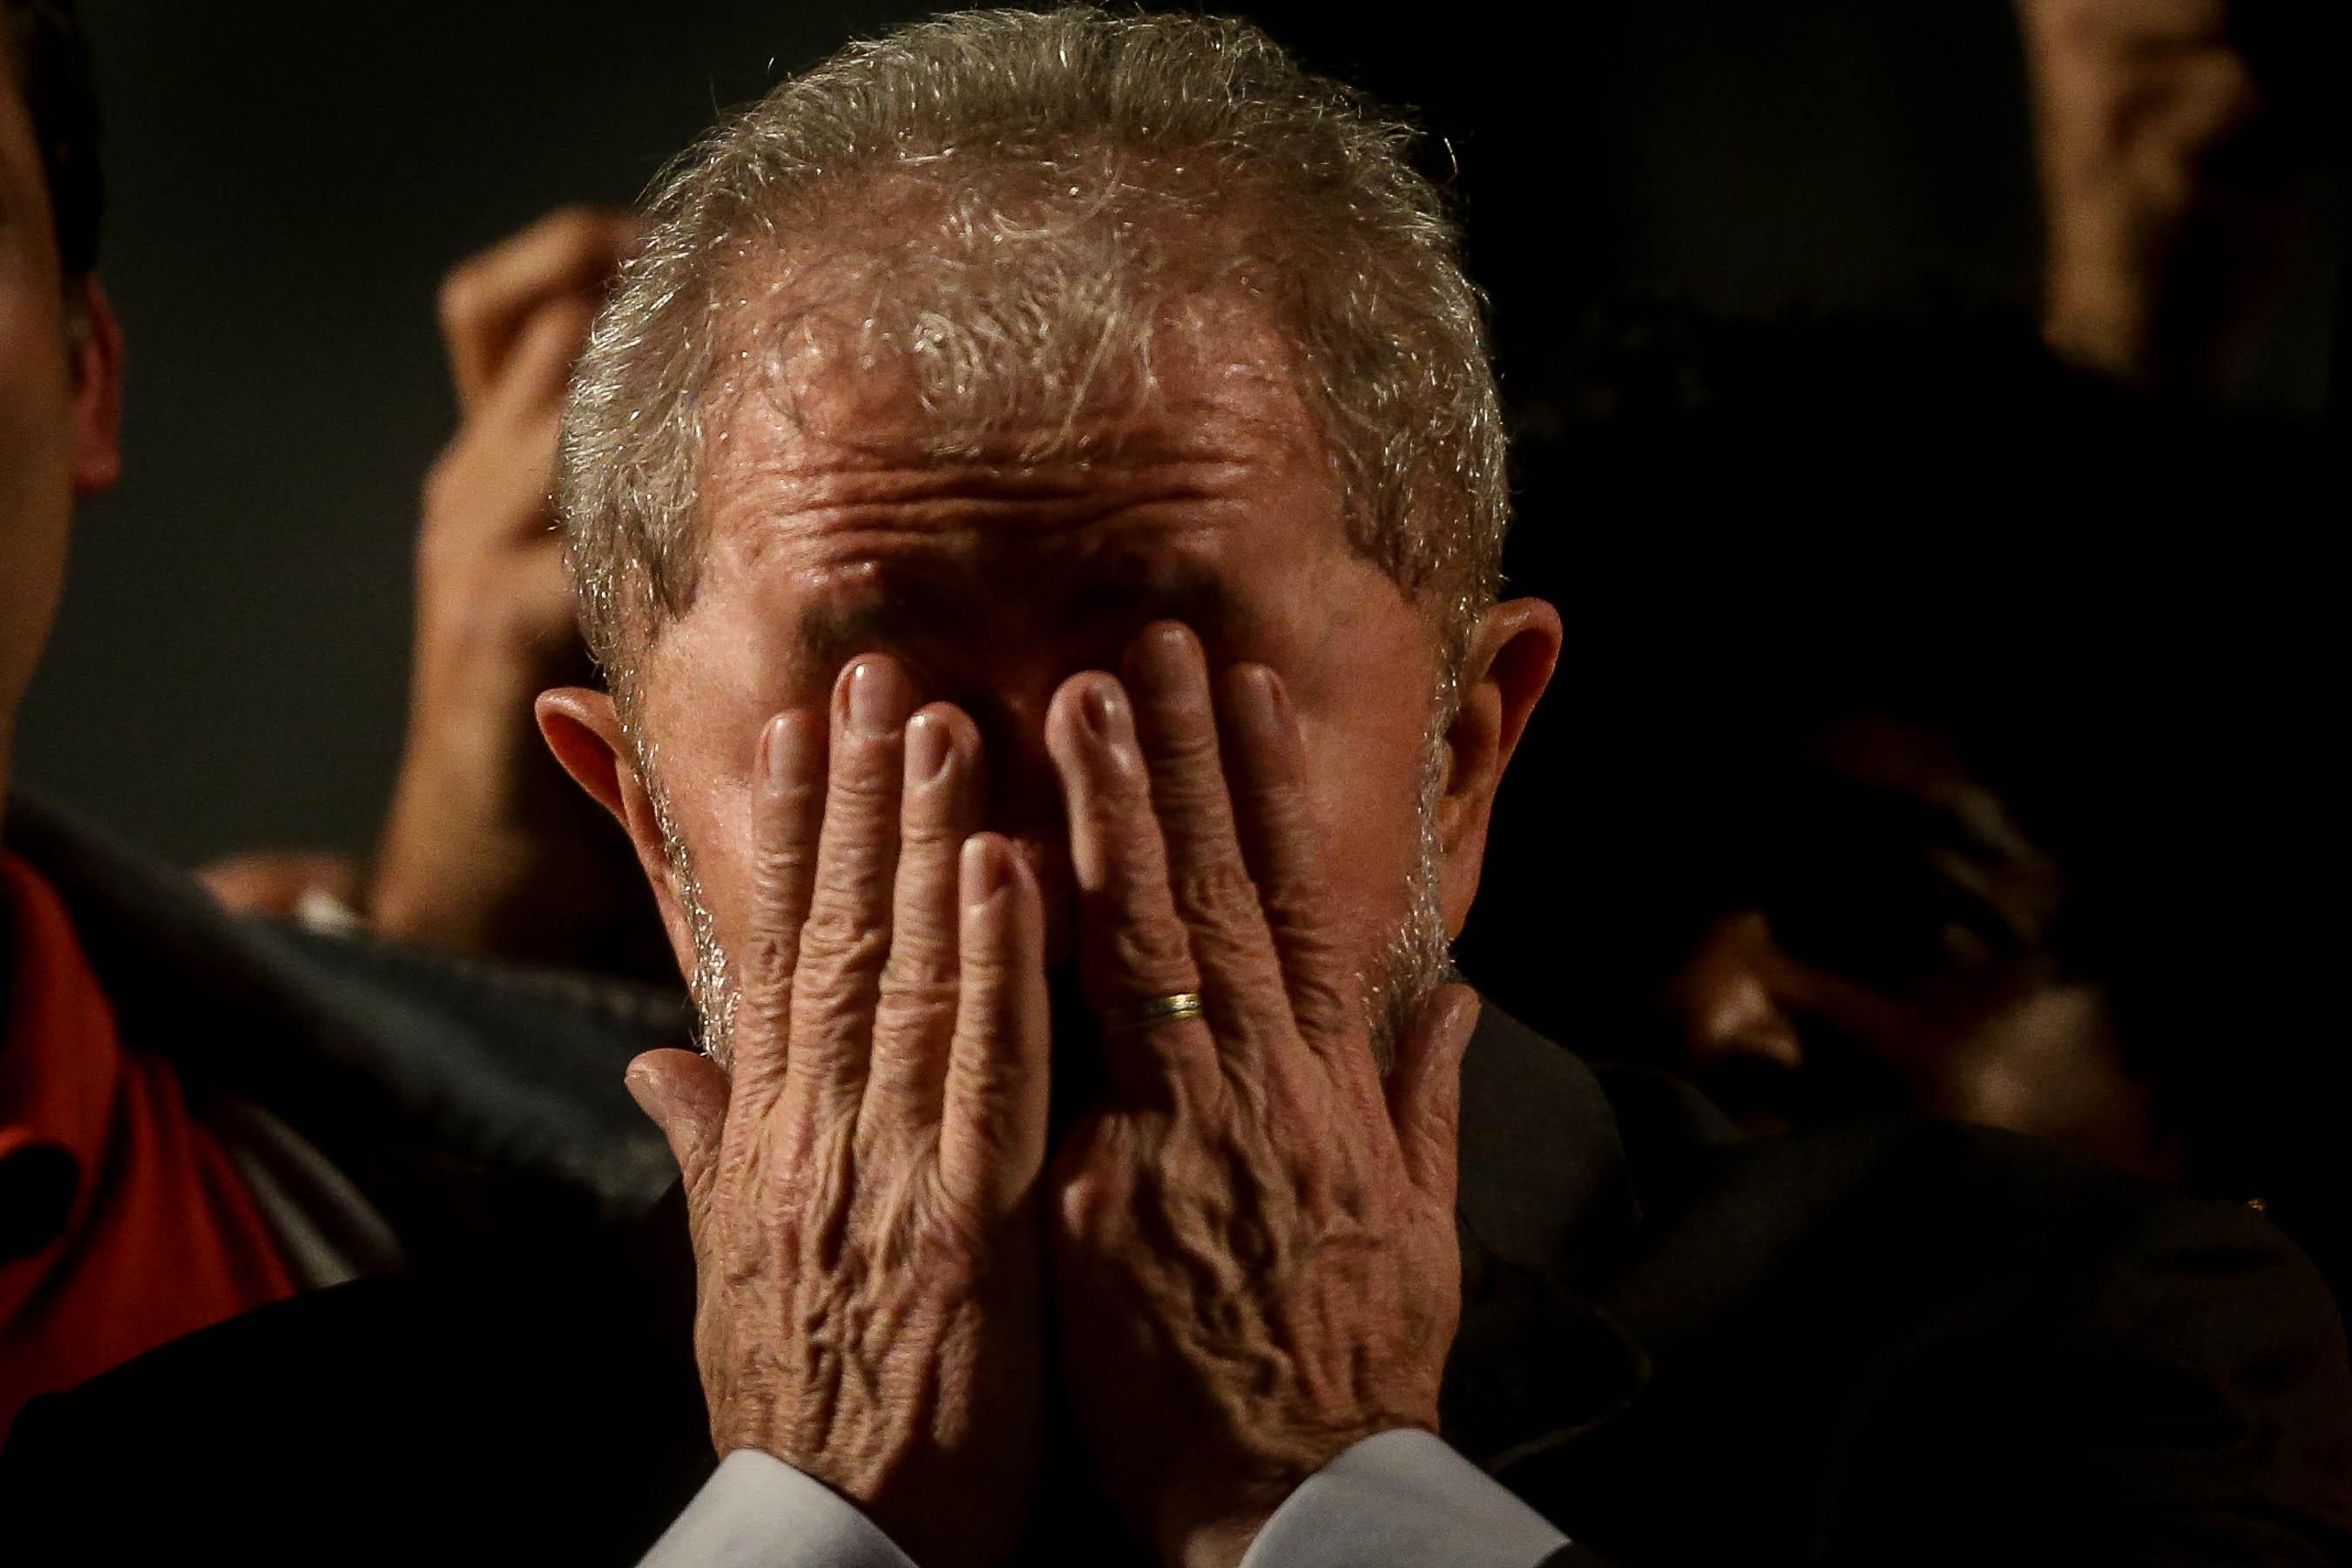 L'expresident brasiler Luiz Inácio Lula da Silva participa en un encontre amb milers de simpatitzants a Curitiba (Brasil), després de declarar com imputat per corrupció. /FERNANDO BIZERRA JR